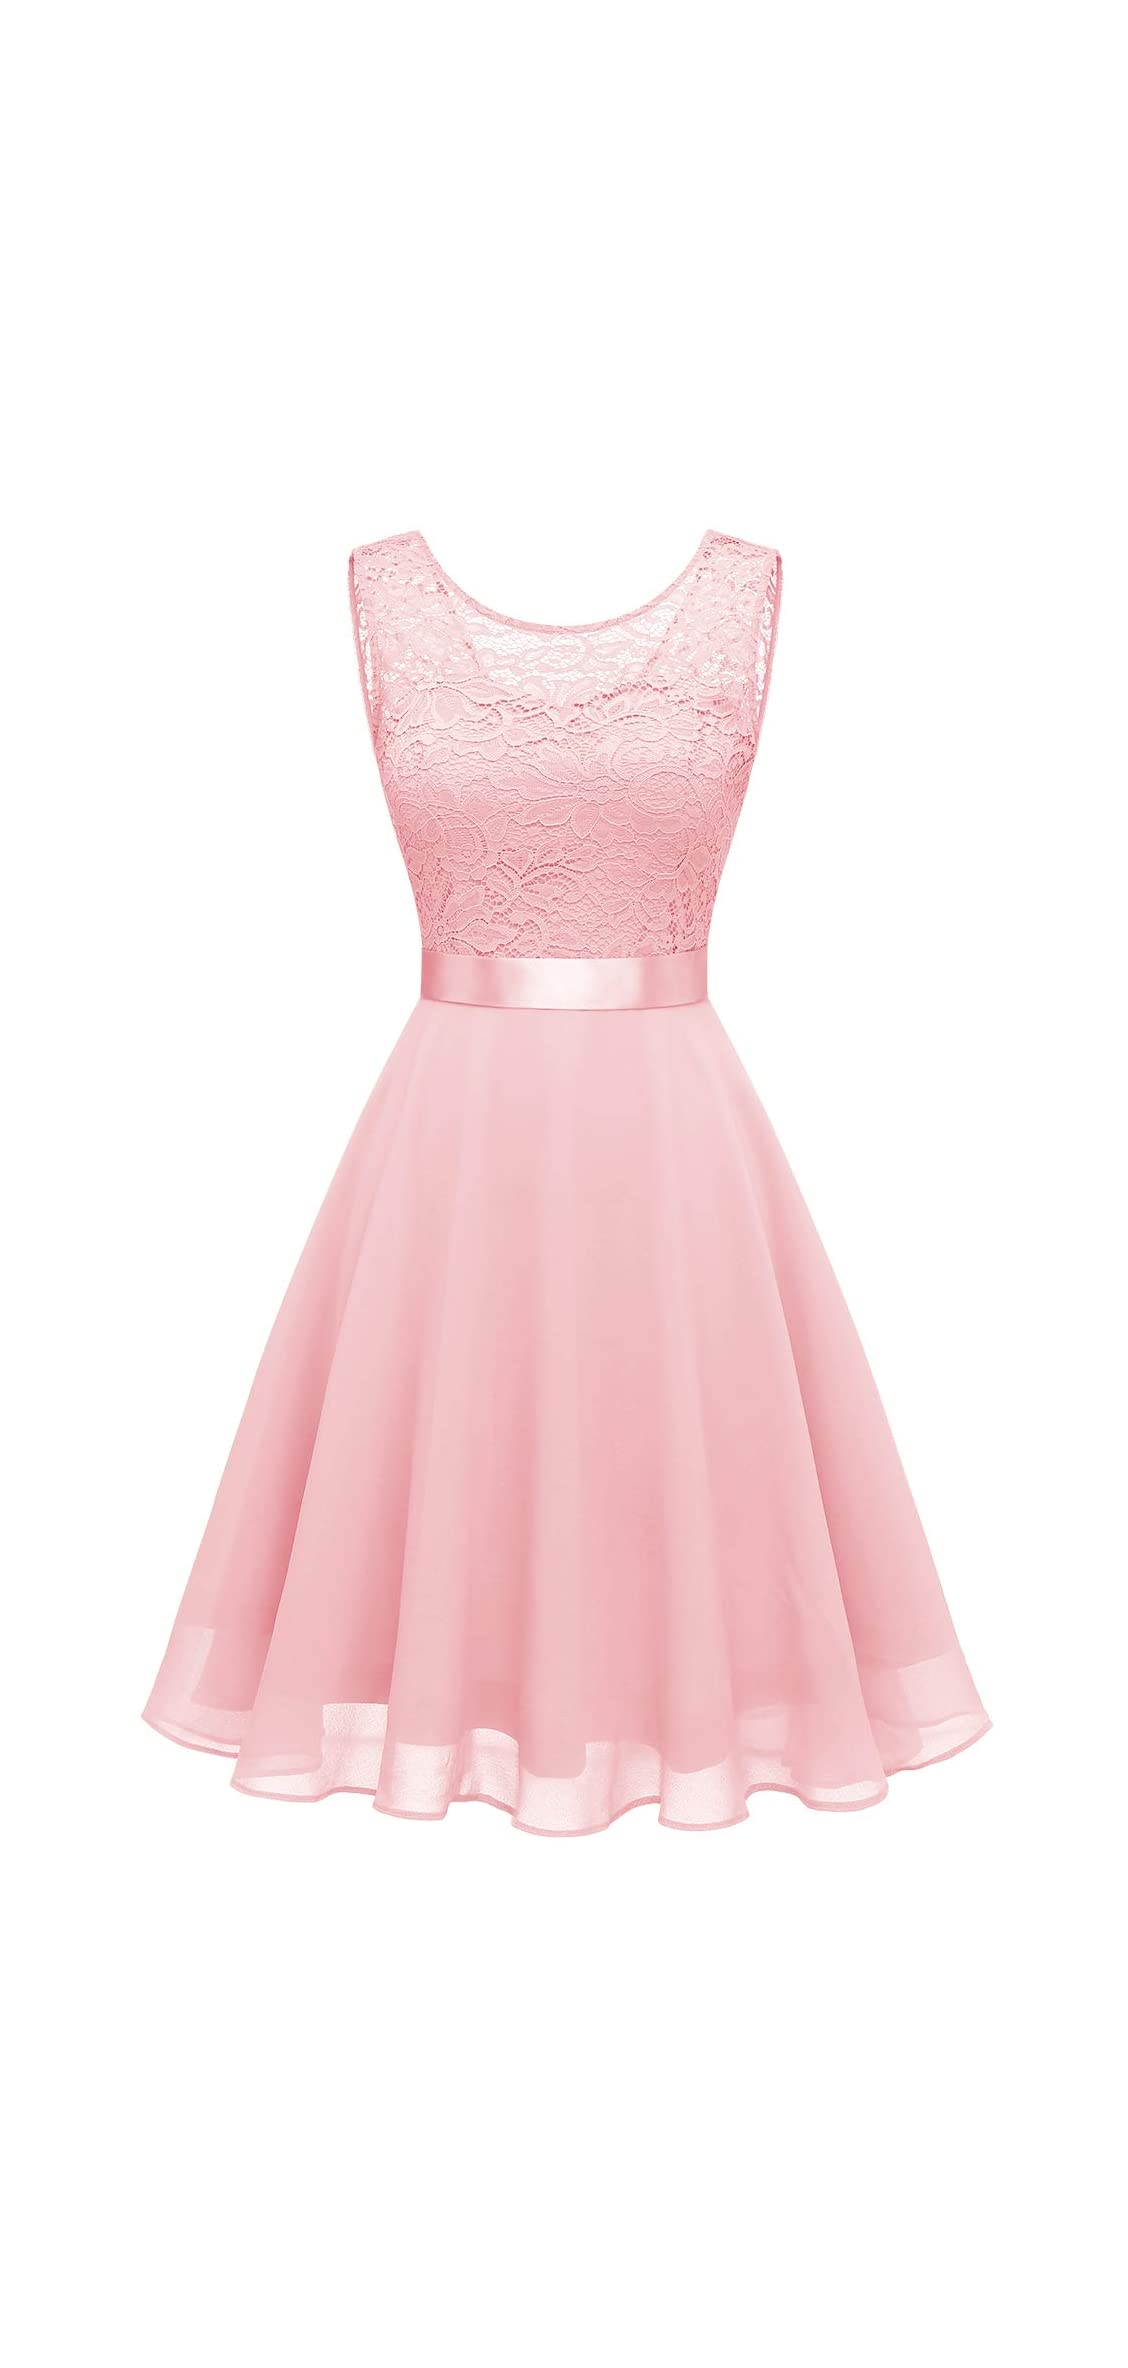 Women's Short Floral Lace Bridesmaid Dress A-line Swing